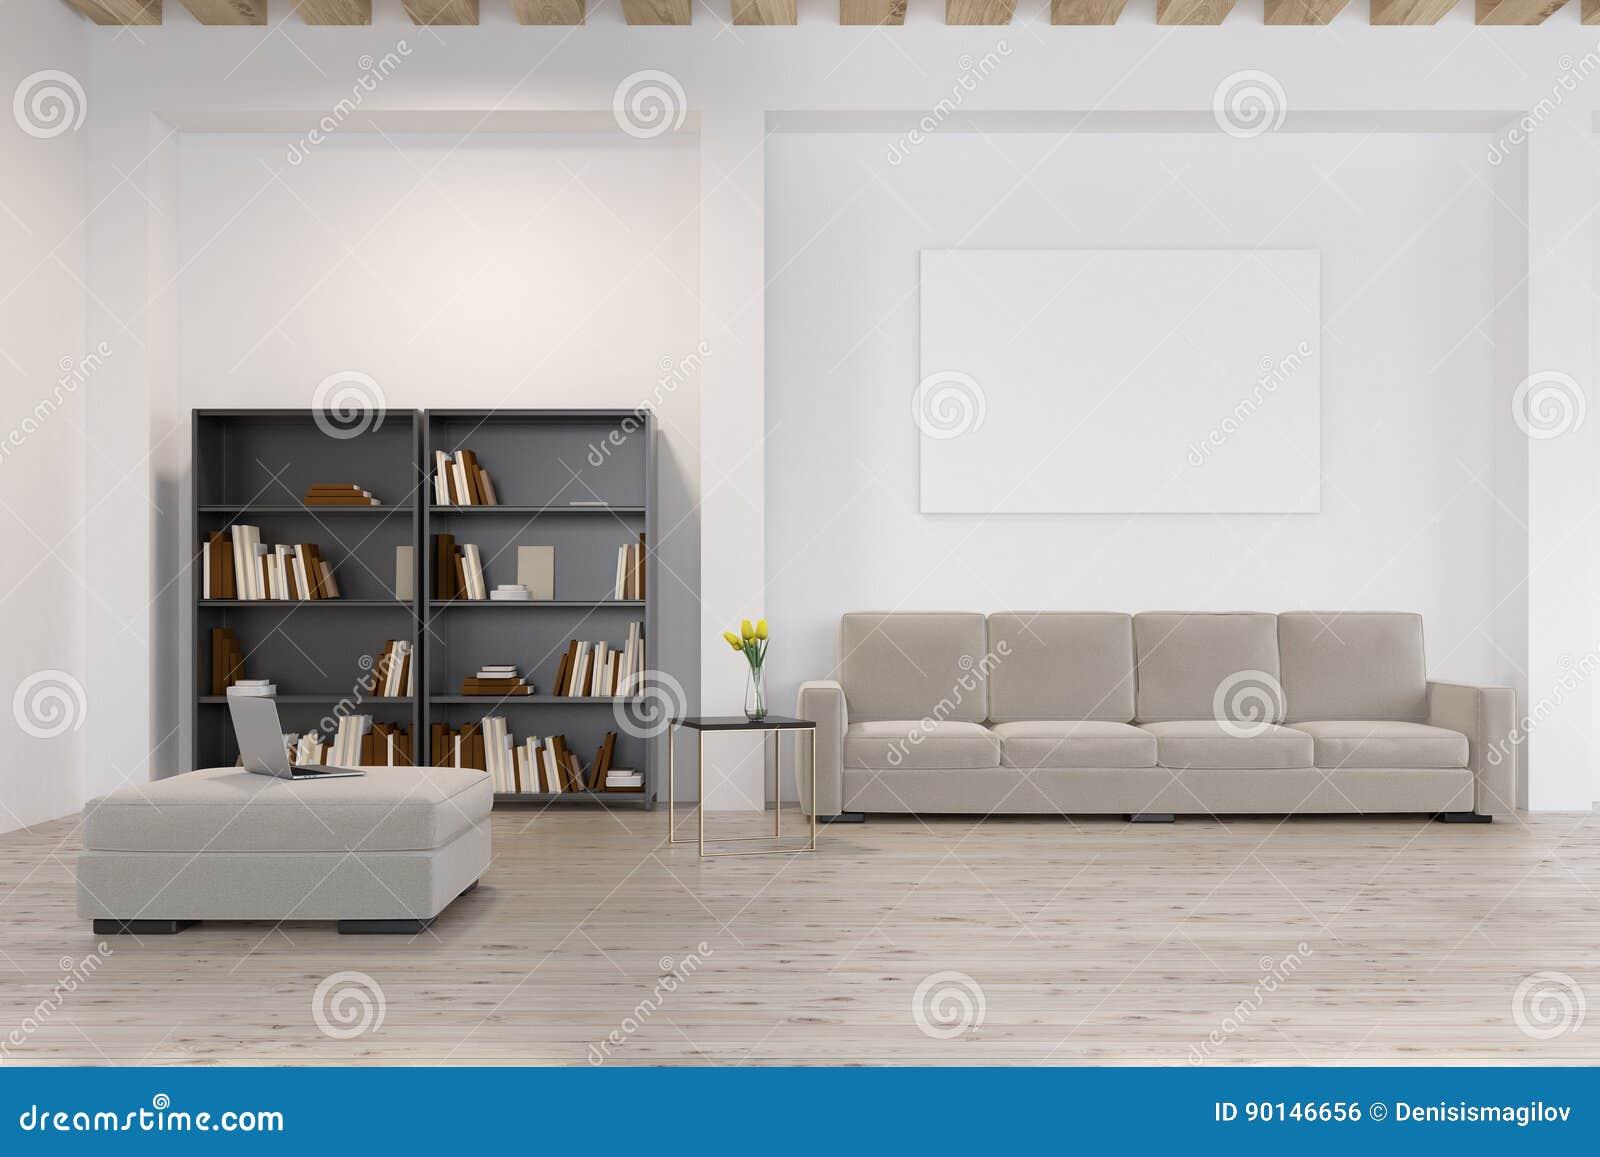 Woonkamer Met Boekenkast : De woonkamer met boekenkast sluit omhoog stock illustratie